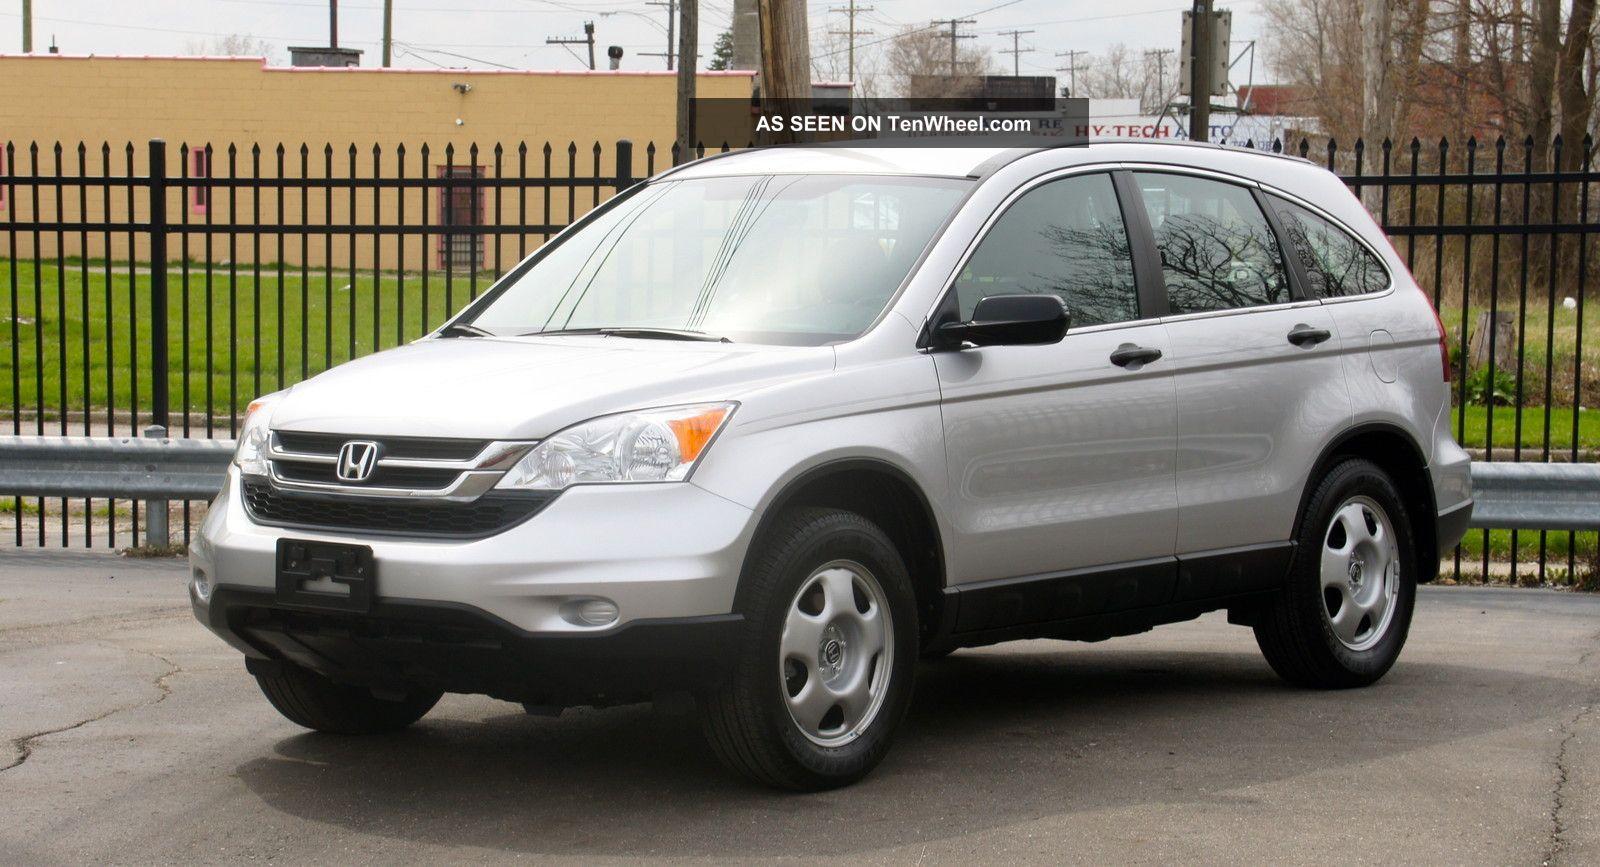 2011 Honda Cr V Lx 2 4l 4cylinder 5dr Gas Saver